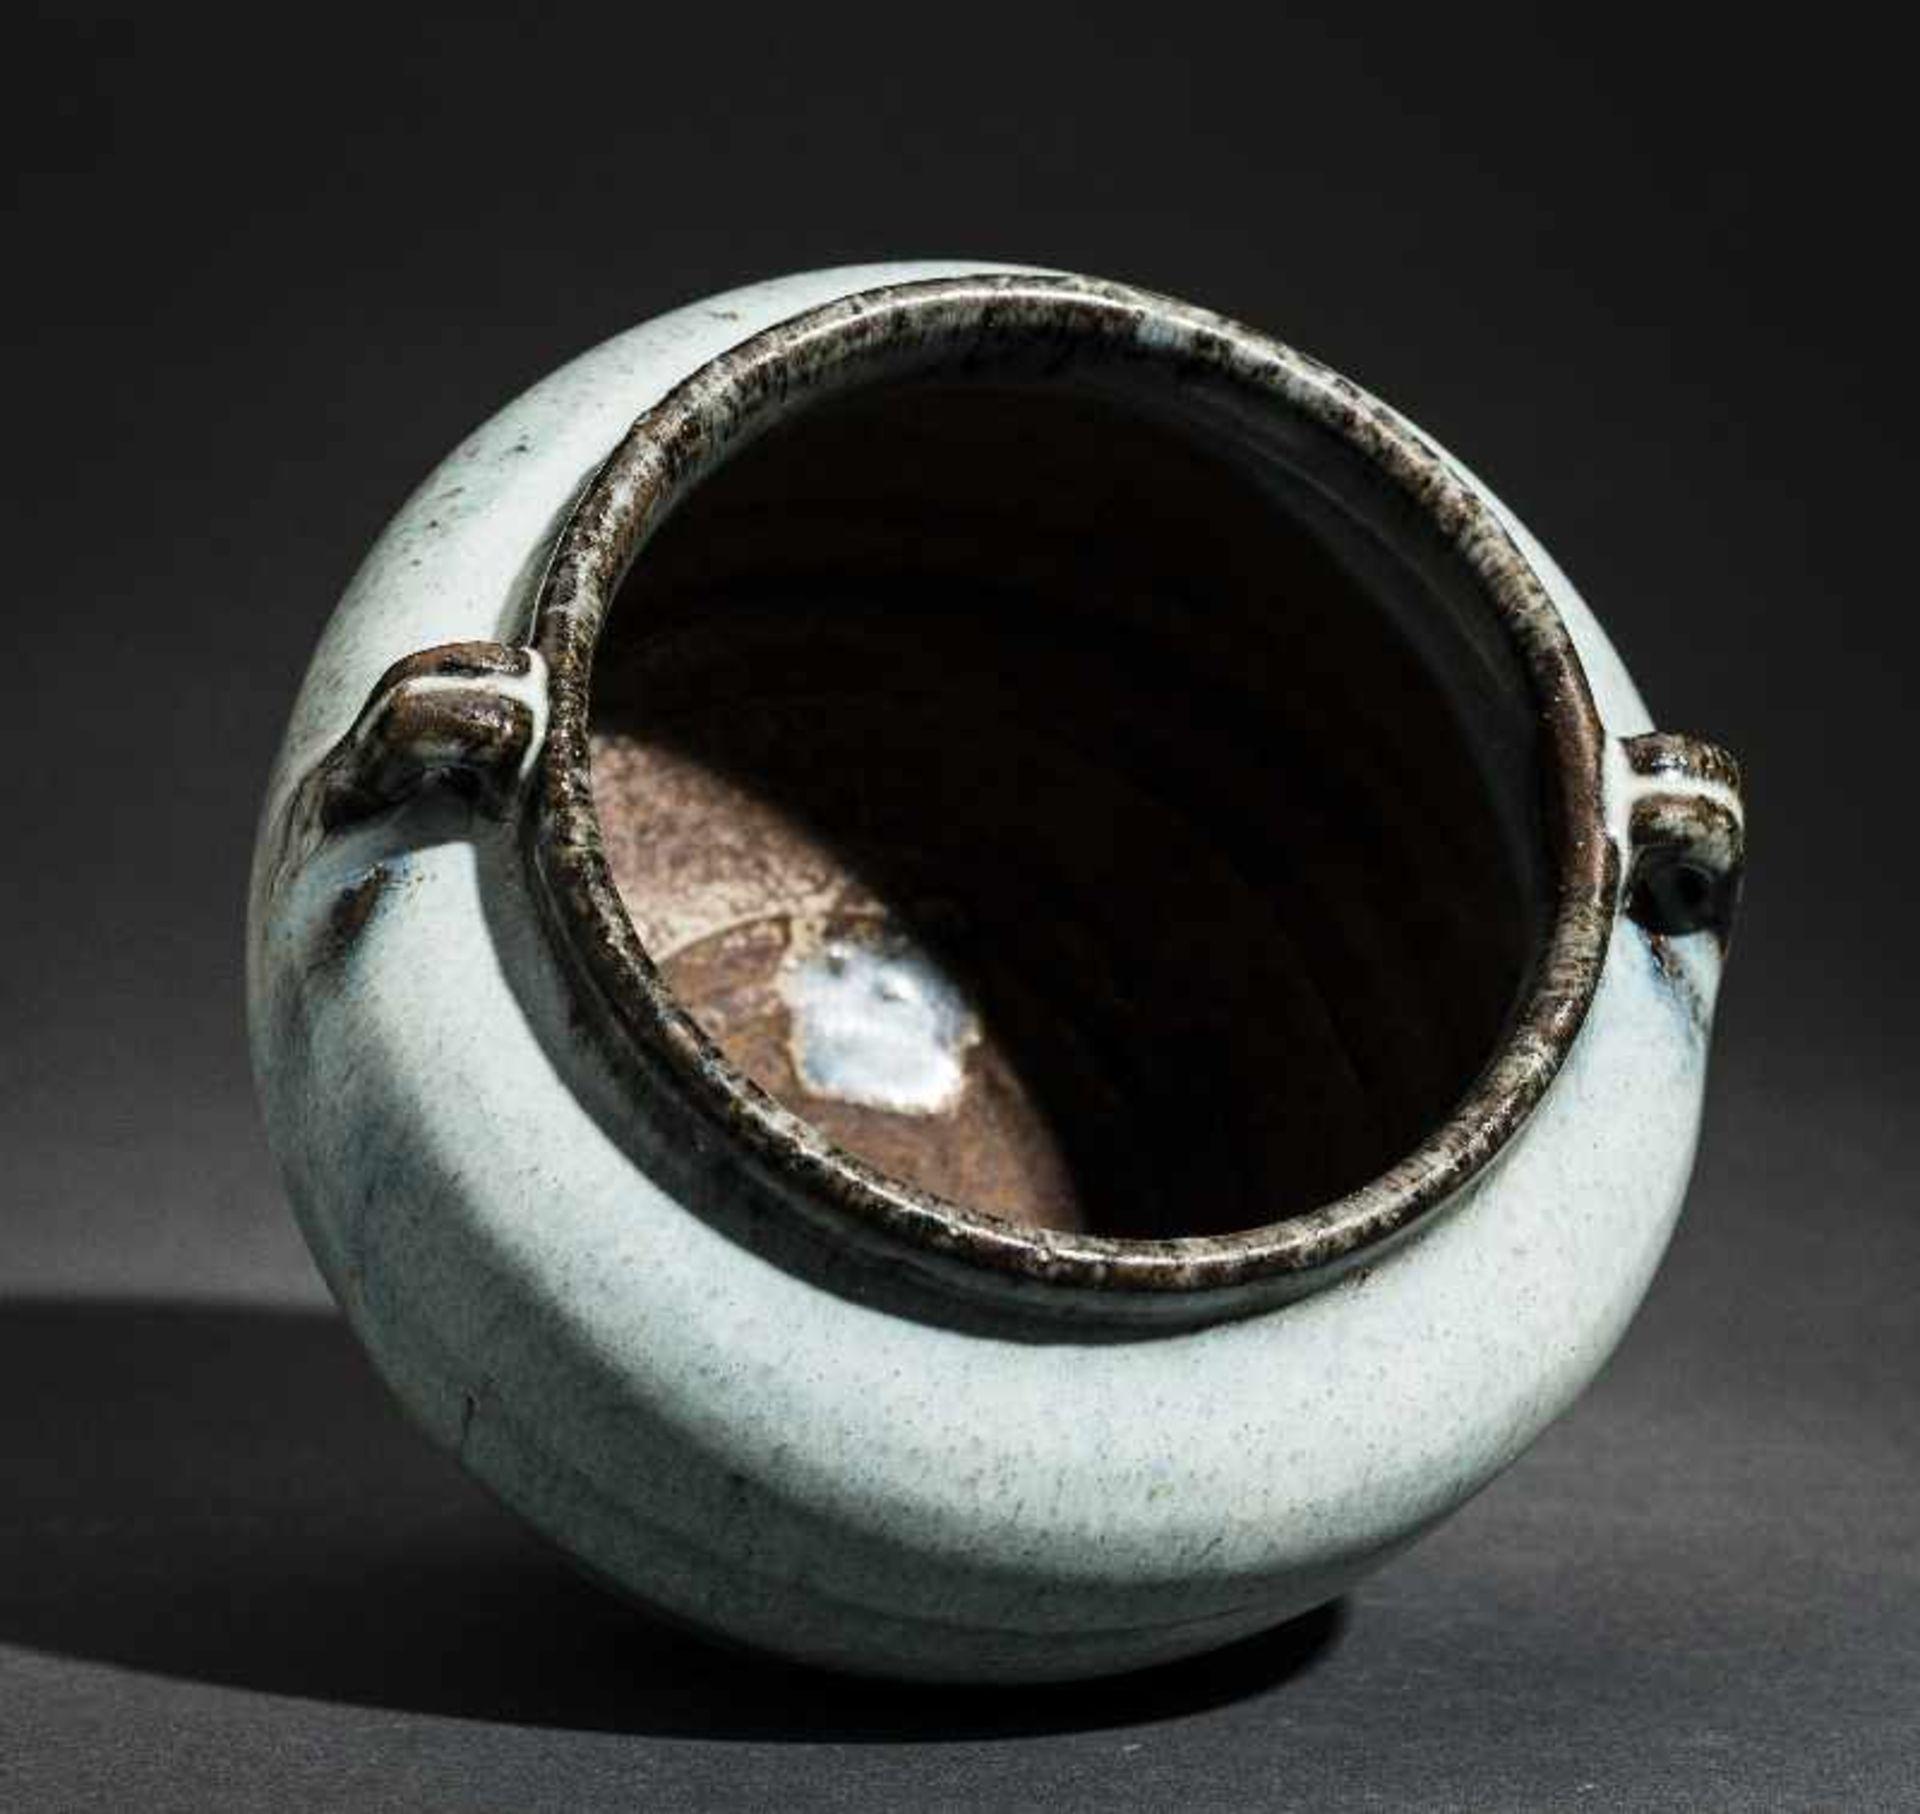 SCHULTERTOPF JUNYAO Glasierte Keramik. China, Yuan bis Ming, ca. 14. bis 15. Jh. Sehr - Image 7 of 8